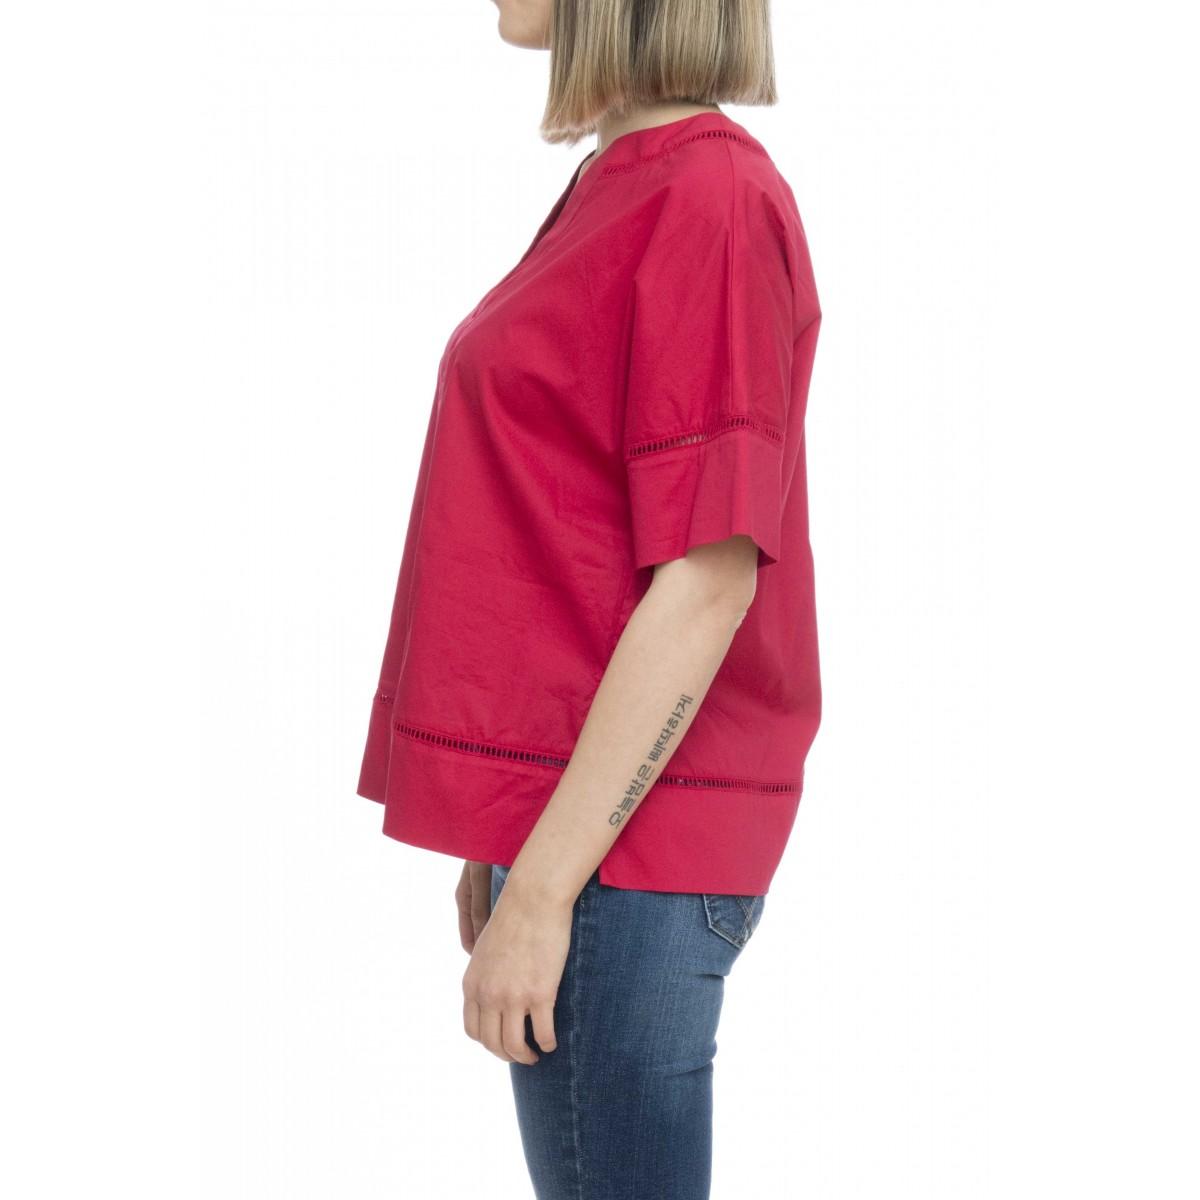 Camicia donna - 2243 camicia tinta unita